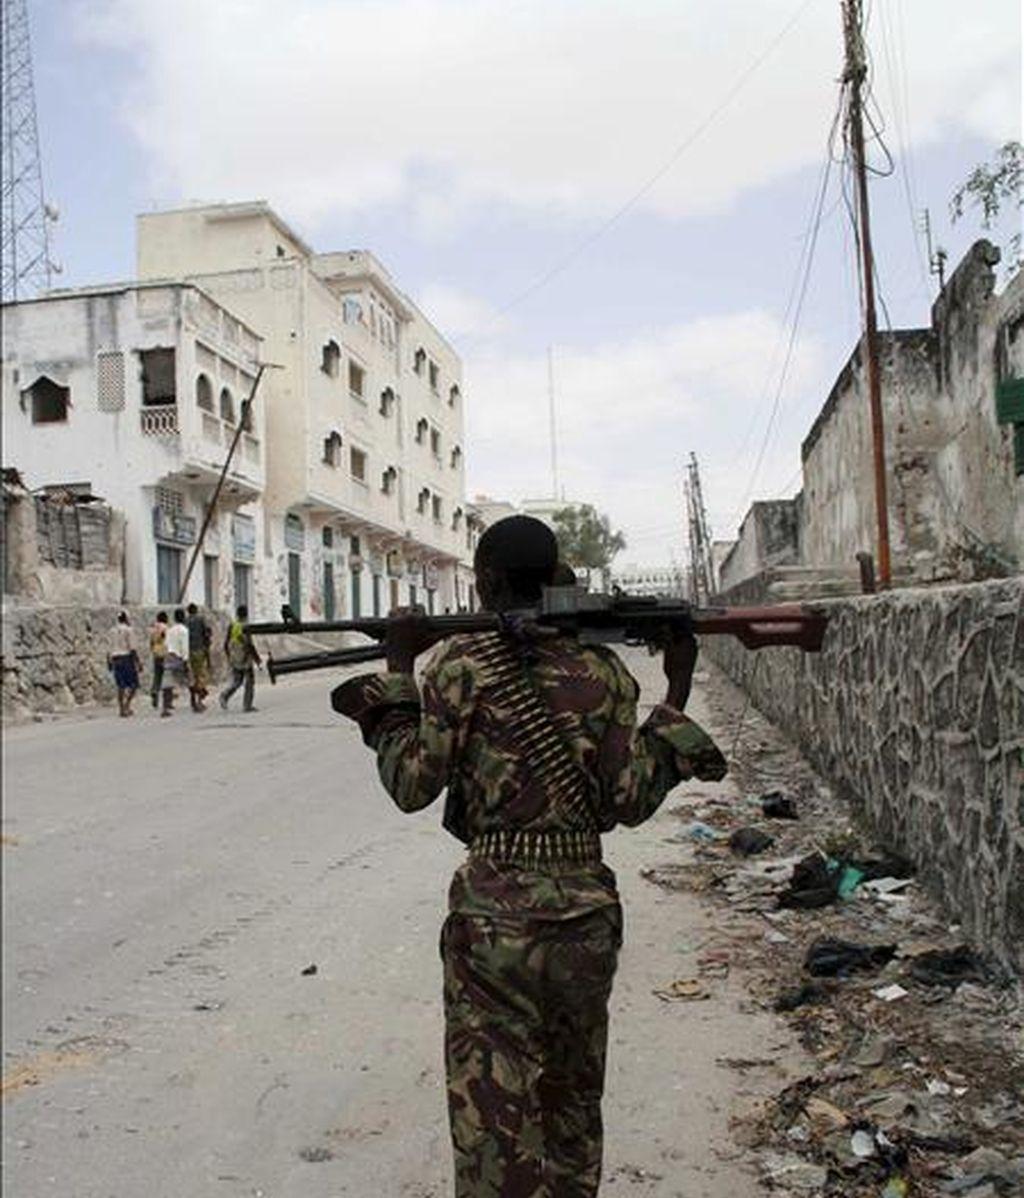 Un miembro de las tropas de la Misión de la Unión Africana en Somalia (AMISOM) durante un combate con insurgentes de Al Shabab -milicia local vinculada a Al Qaeda- en Mogadiscio (Somalia), hel pasado mes de marzo. EFE/Archivo